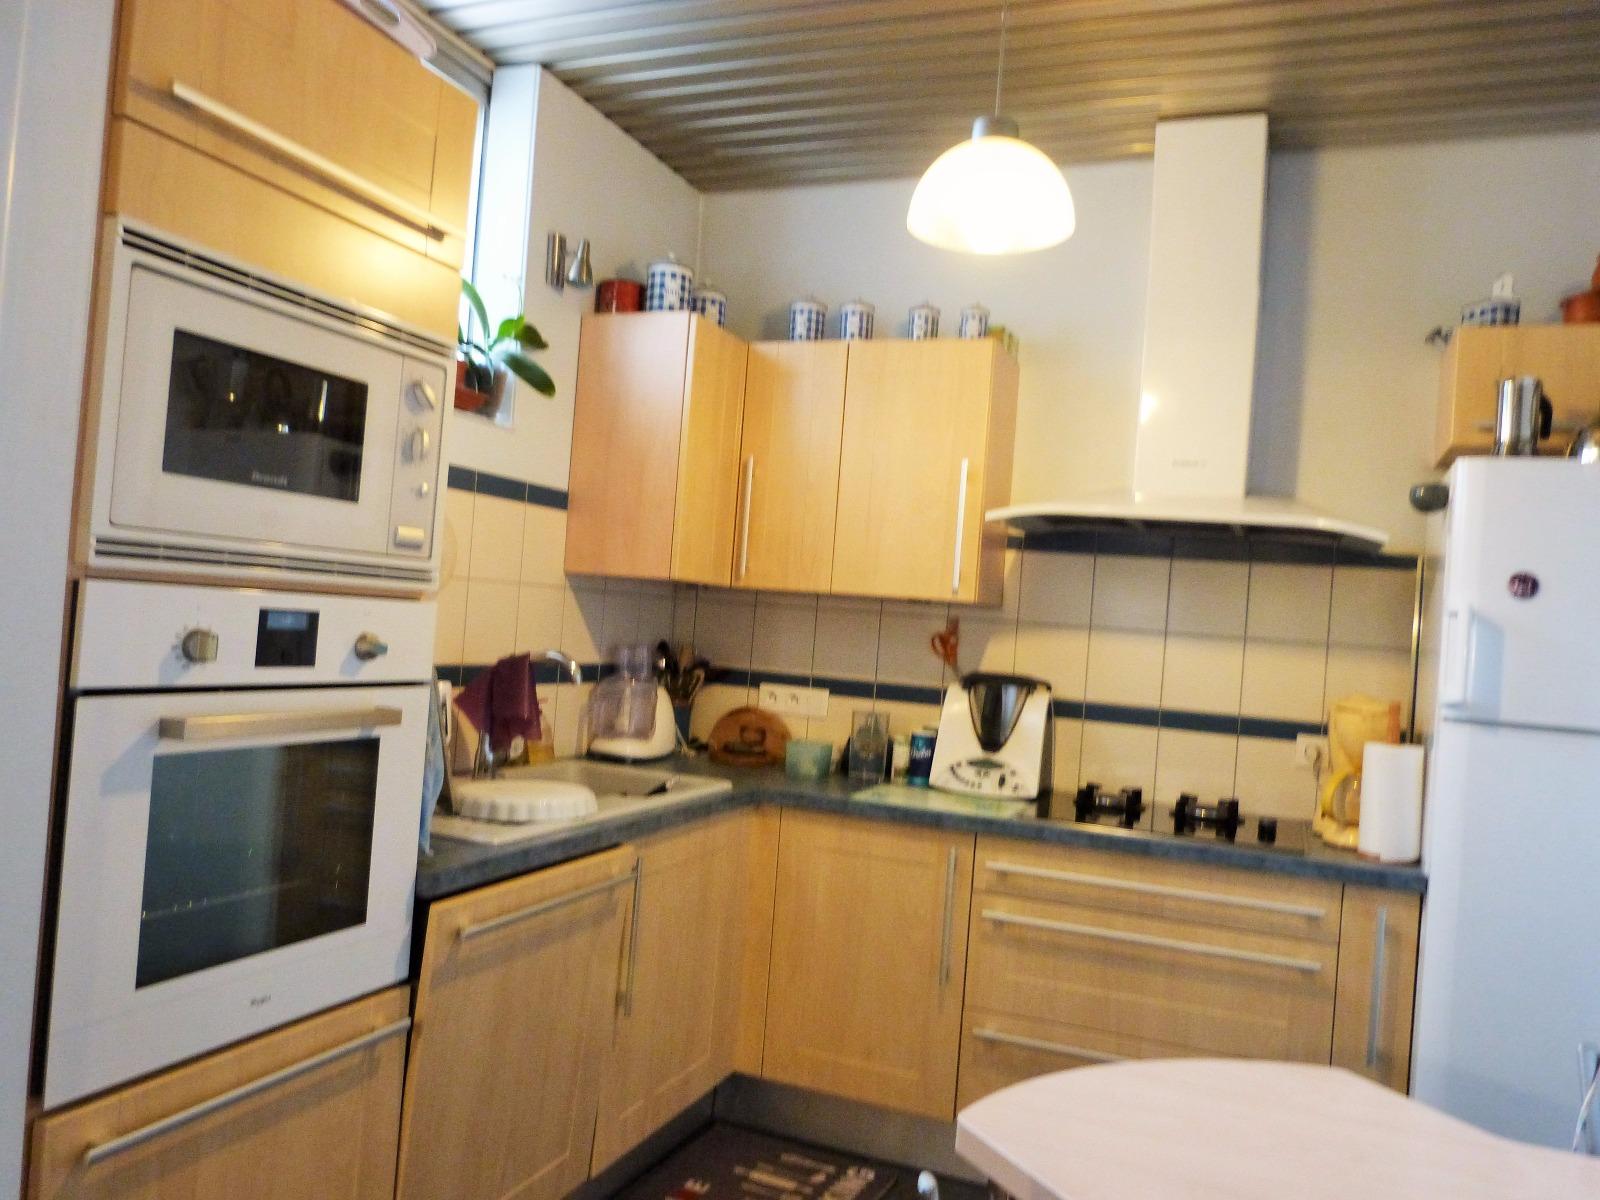 lons le saunier 39000 jura plein centre appartement 139menv 1er tage 3 - Cours De Cuisine Lons Le Saunier